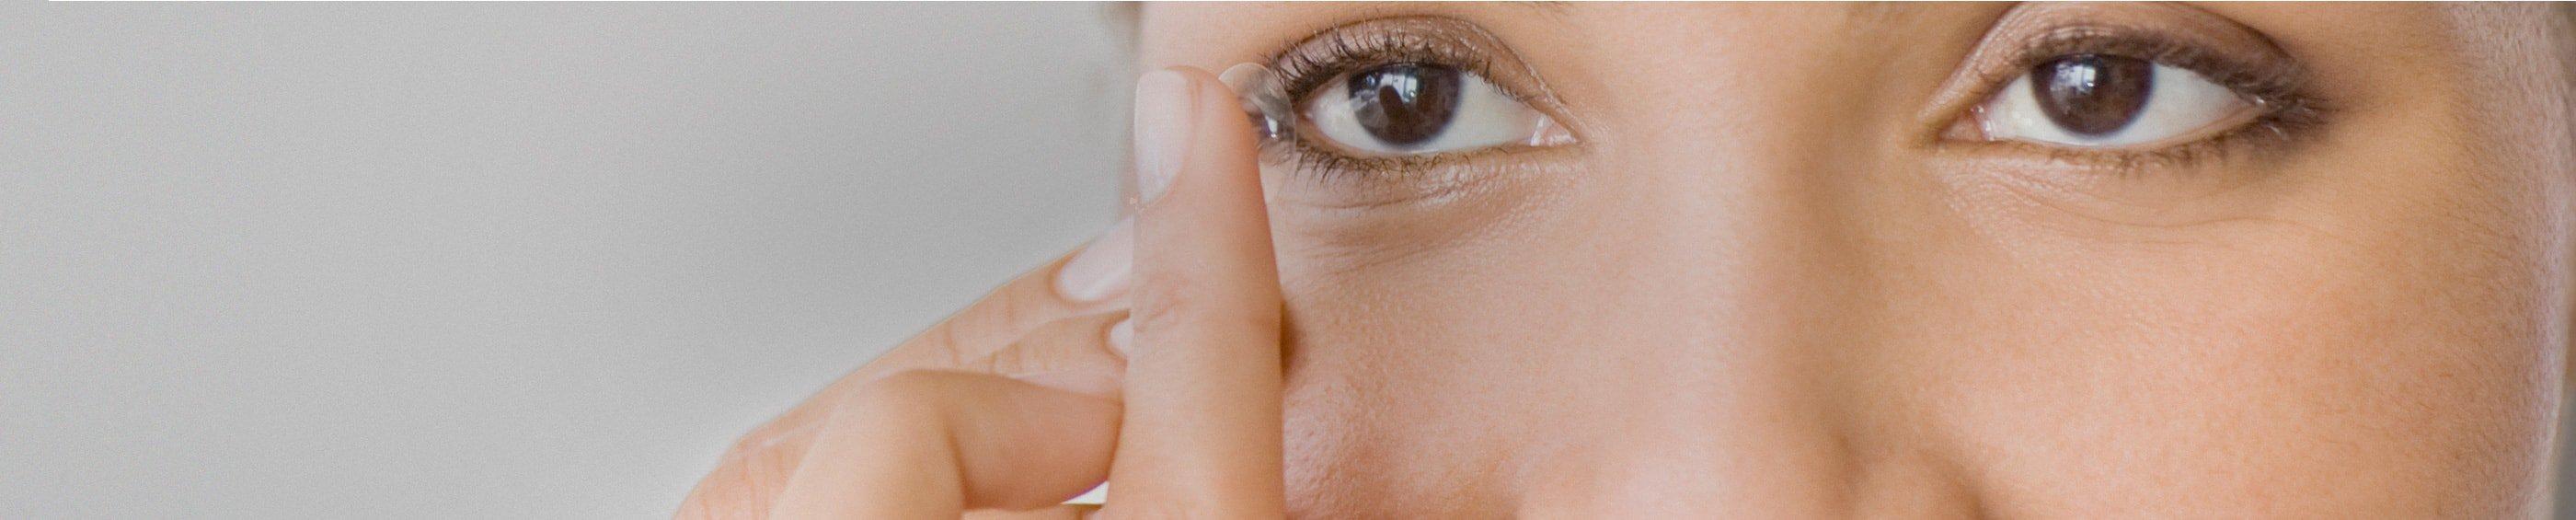 Junge Frau, die sich eine Kontaktlinse einsetzt